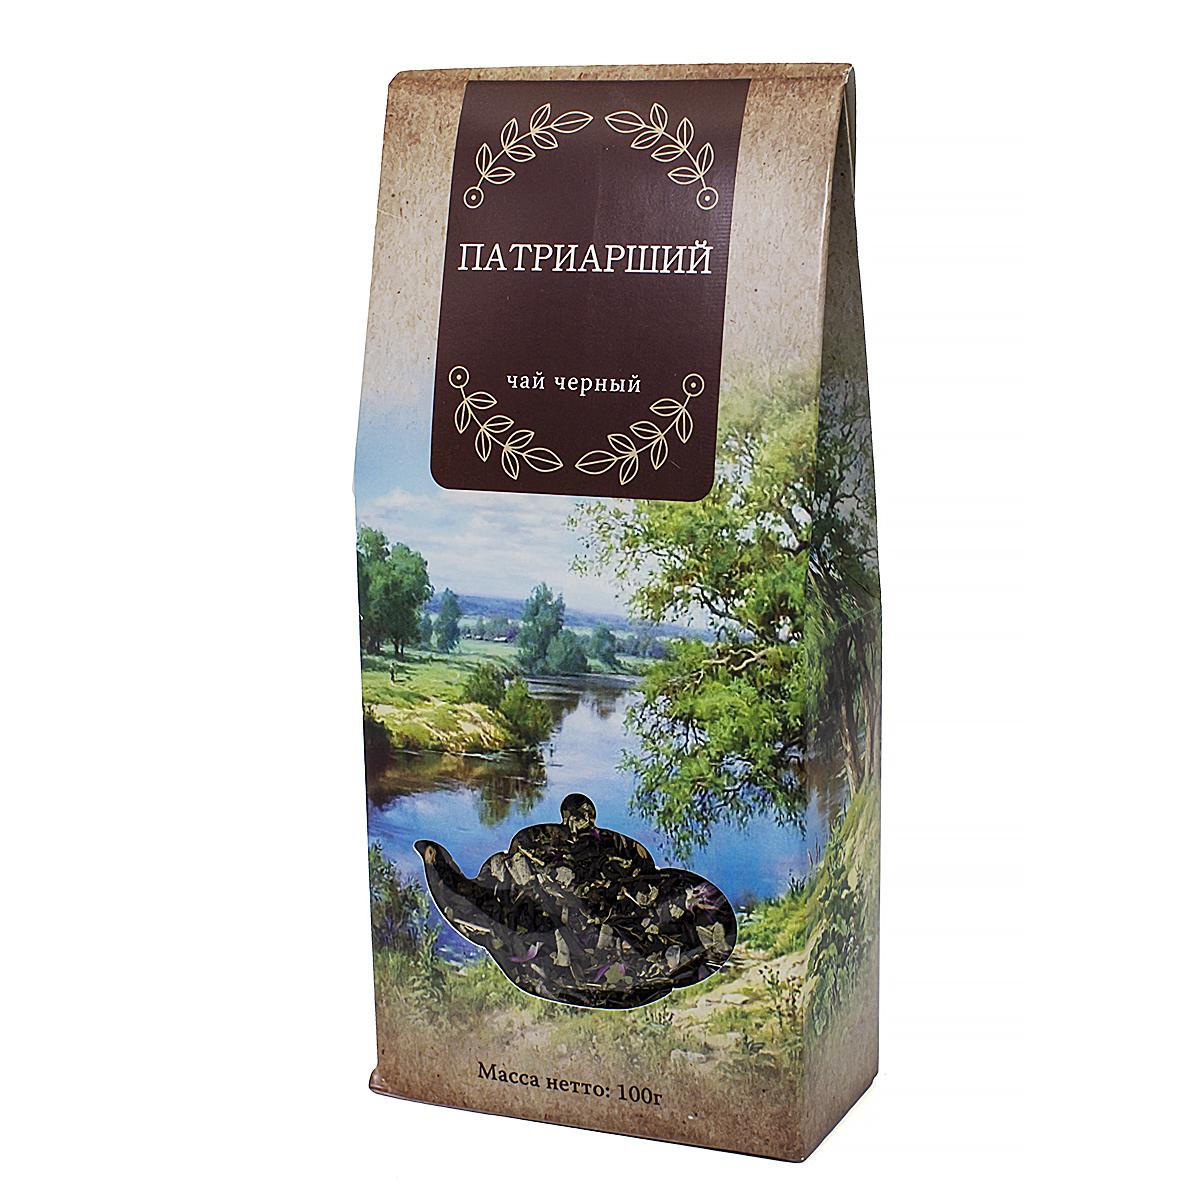 Чай черный Патриарший, 100 г si ю волокна цветок чай травяной чай чай гвоздика гвоздика листьев чай 55г 2 коробки